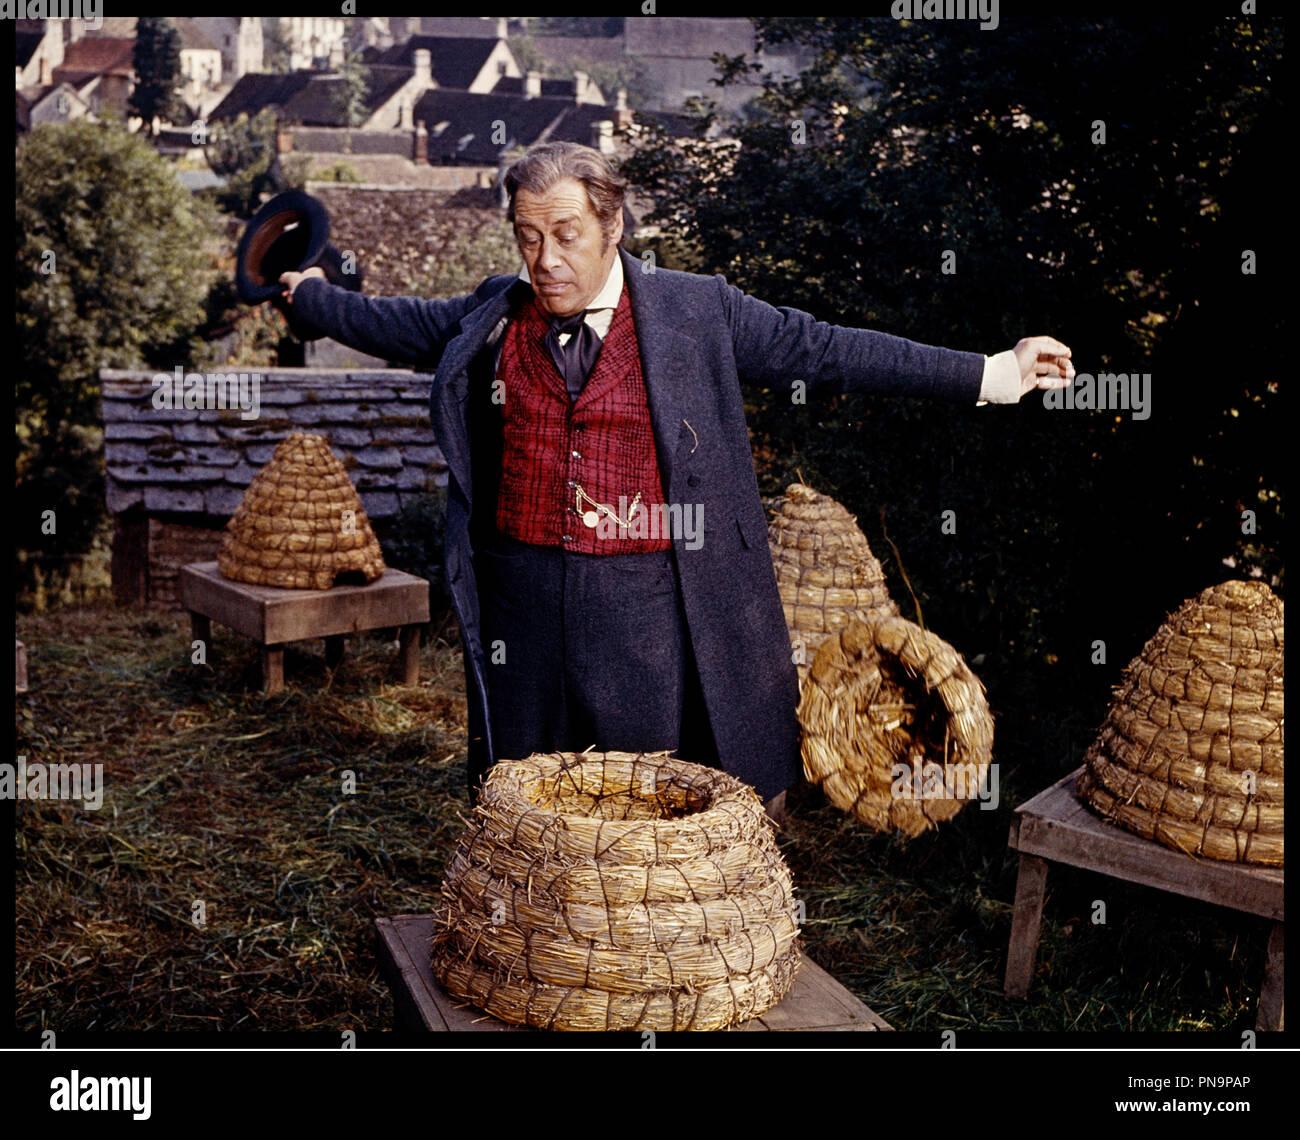 Prod DB © 20th Century Fox / DR L'EXTRAVAGANT DOCTEUR DOLITTLE (DOCTOR DOLITTLE) de Richard Fleischer 1967 USA avec Rex Harrison nids d'abeille, montre a gousset, ouvrir les bras, paille,  d'apres le roman de Hugh Lofting - Stock Image